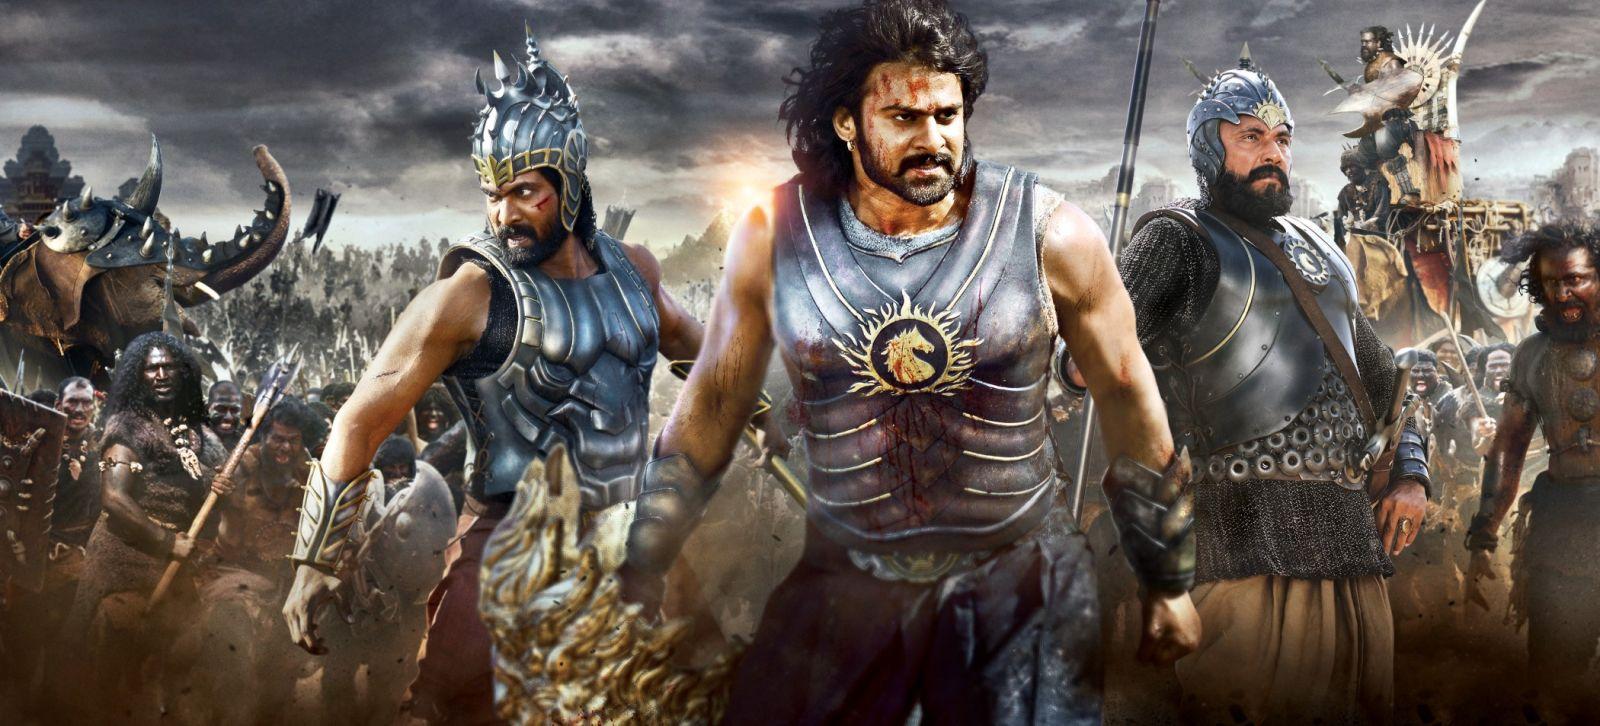 Bahubali is Not The Pride of Telugu Cinema